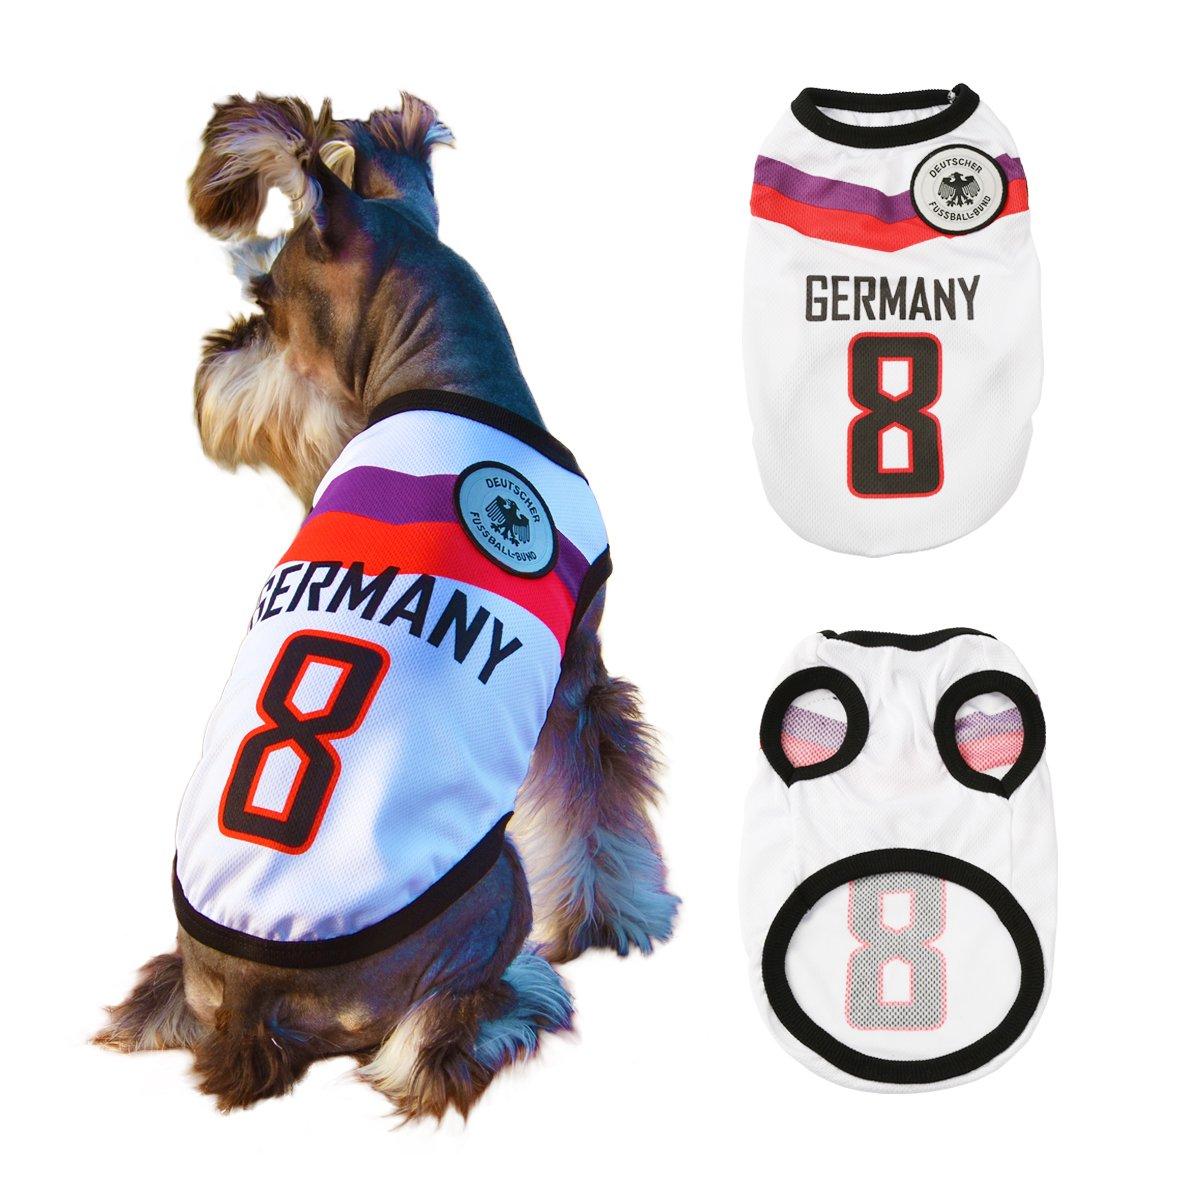 Trajes Perro Disfraz Gato Ropa para Perros Camiseta Fútbol Copa del Mundo FIFA Copa de Europa Jersey Alemania (M, Blanco): Amazon.es: Productos para ...